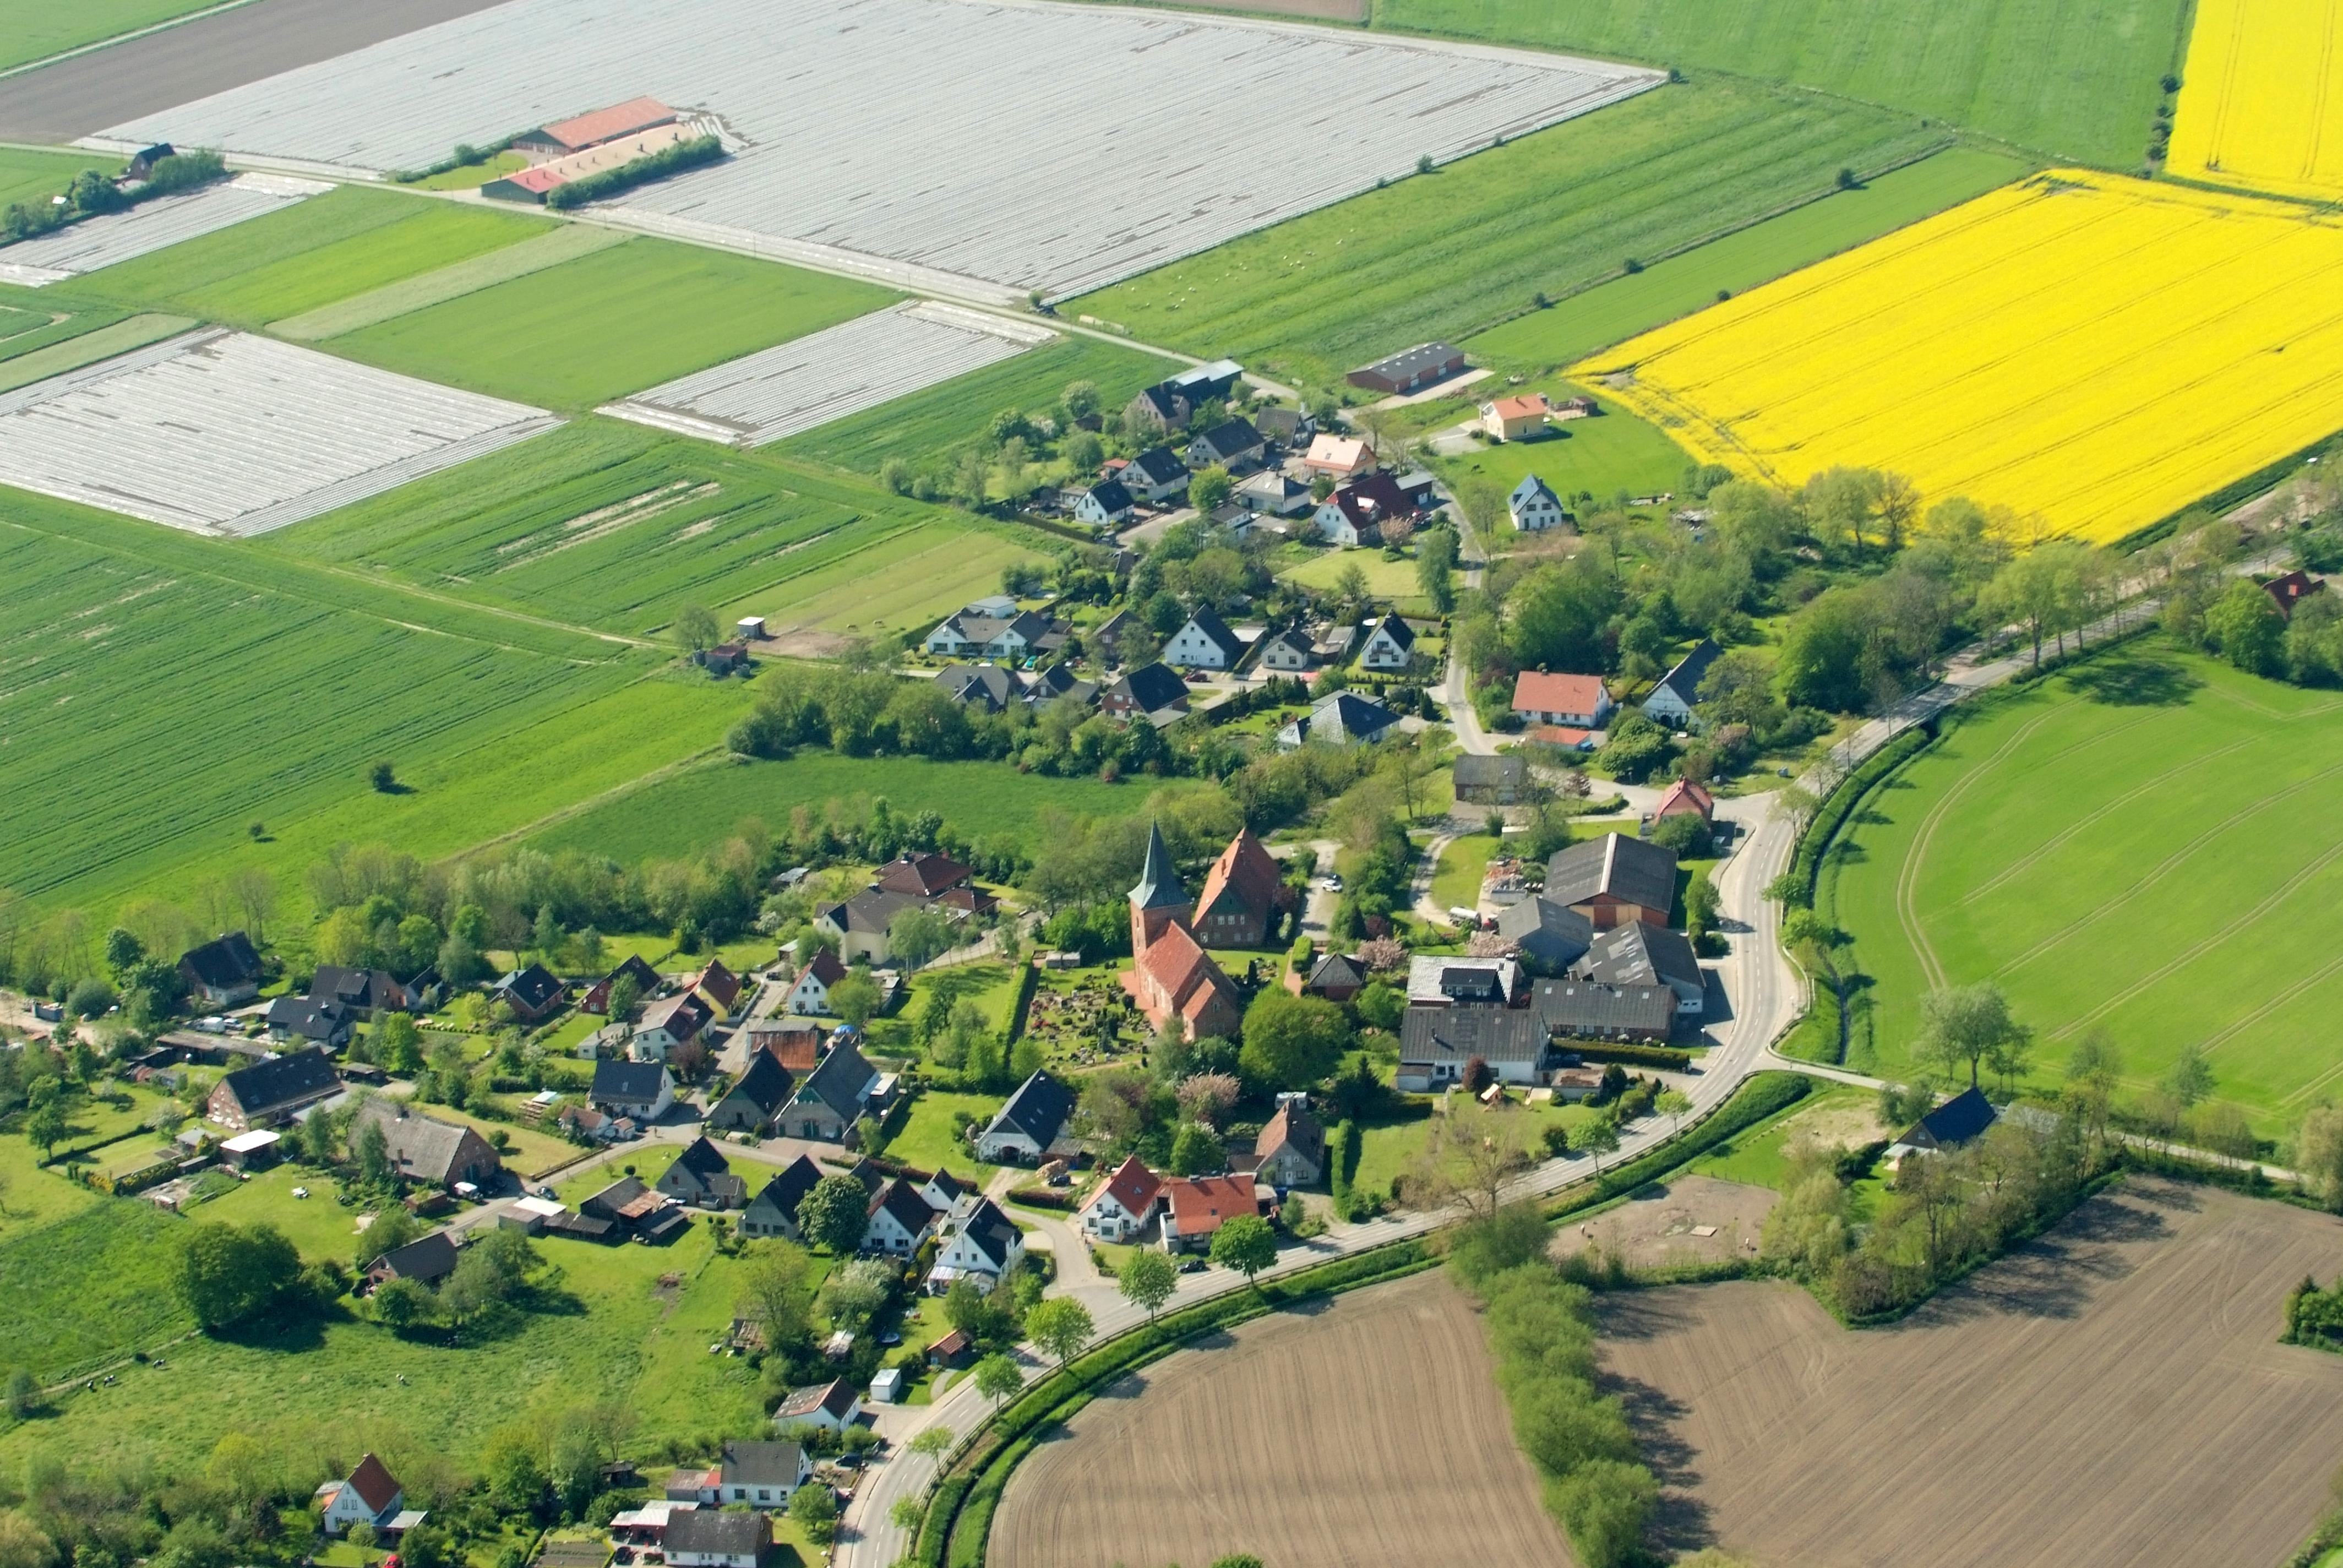 File:Misselwarden 2012-05-13-DSCF8481.jpg - Wikimedia Commons